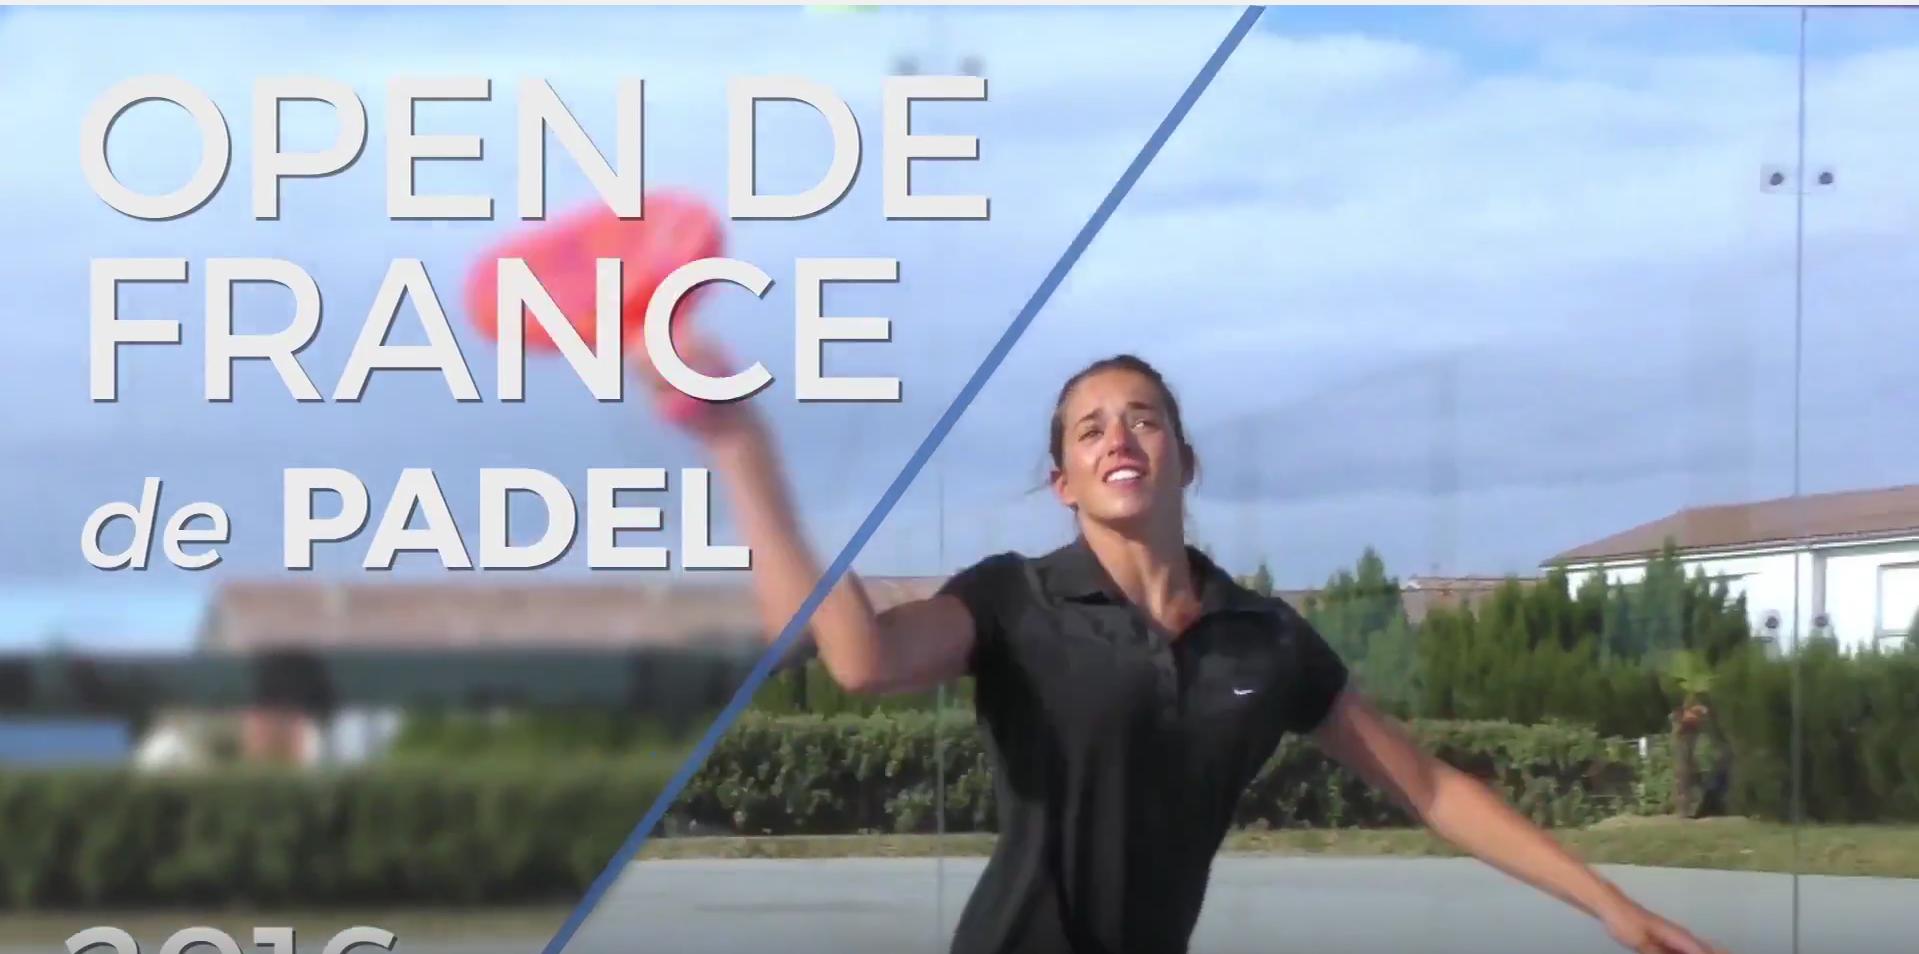 L'Open de France de padel 2016 s'annonce très chaud !